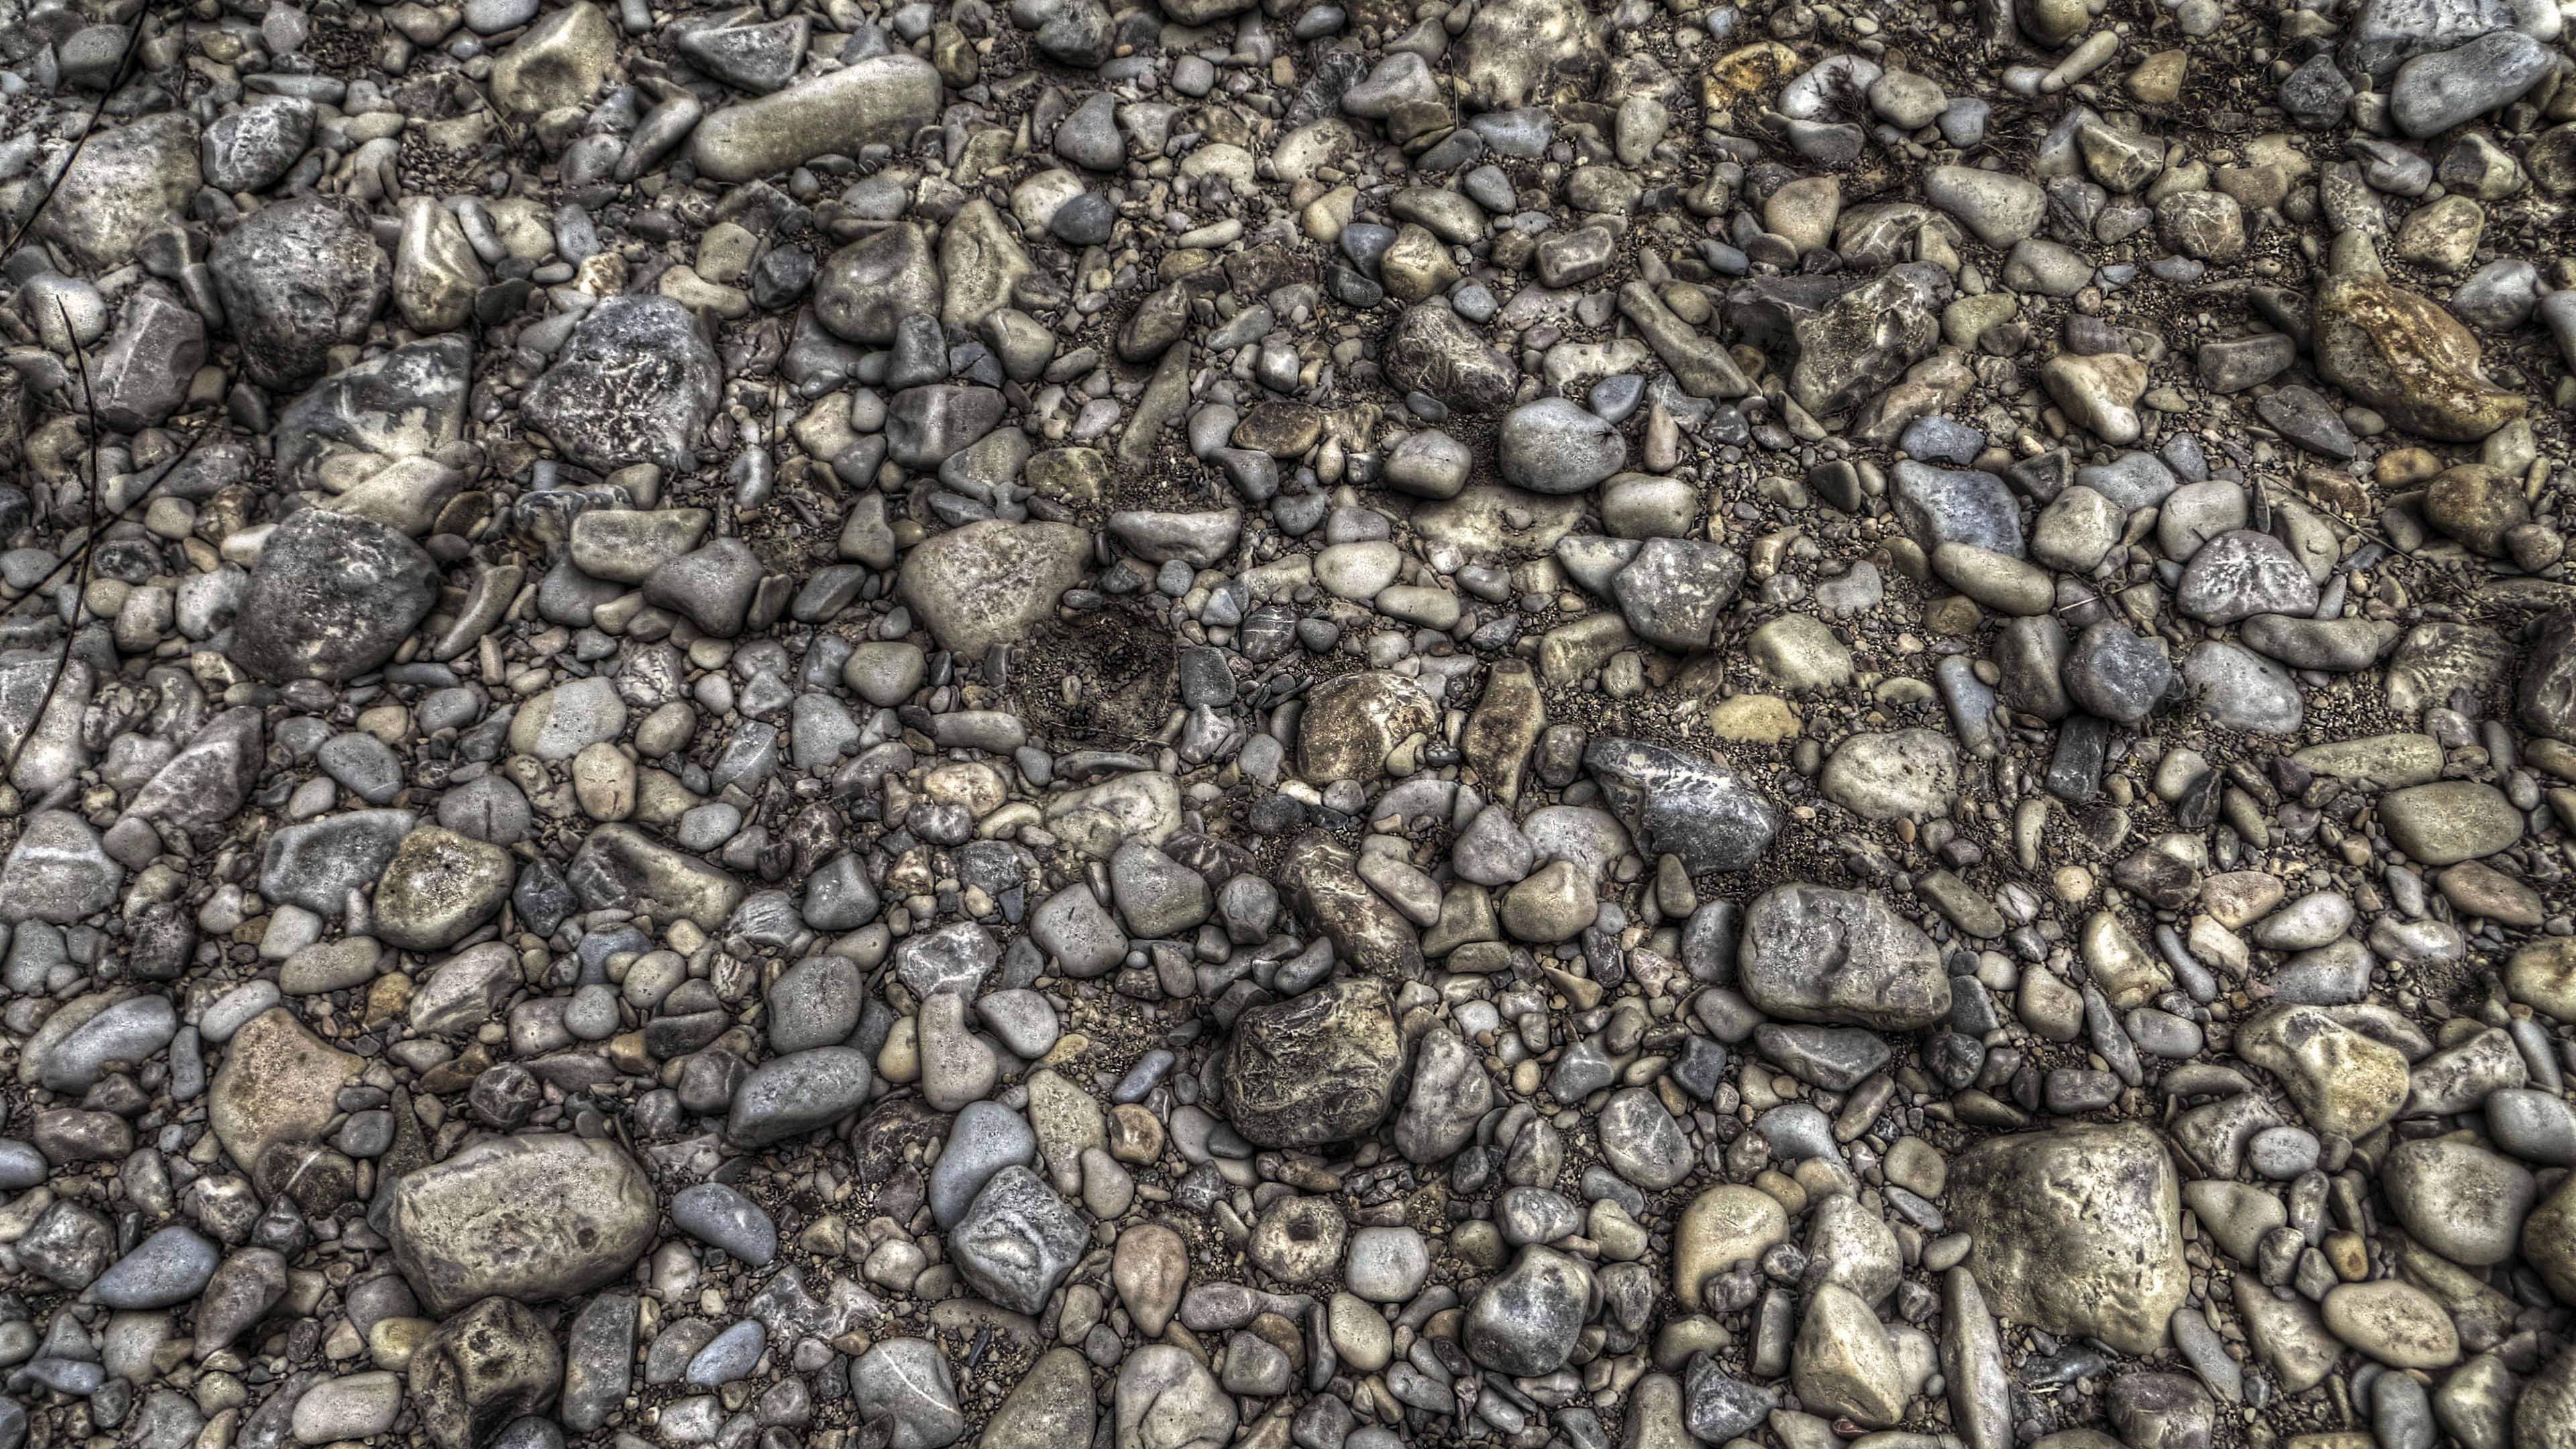 texture stones background 4k 1536097851 - texture, stones, background 4k - Texture, Stones, Background